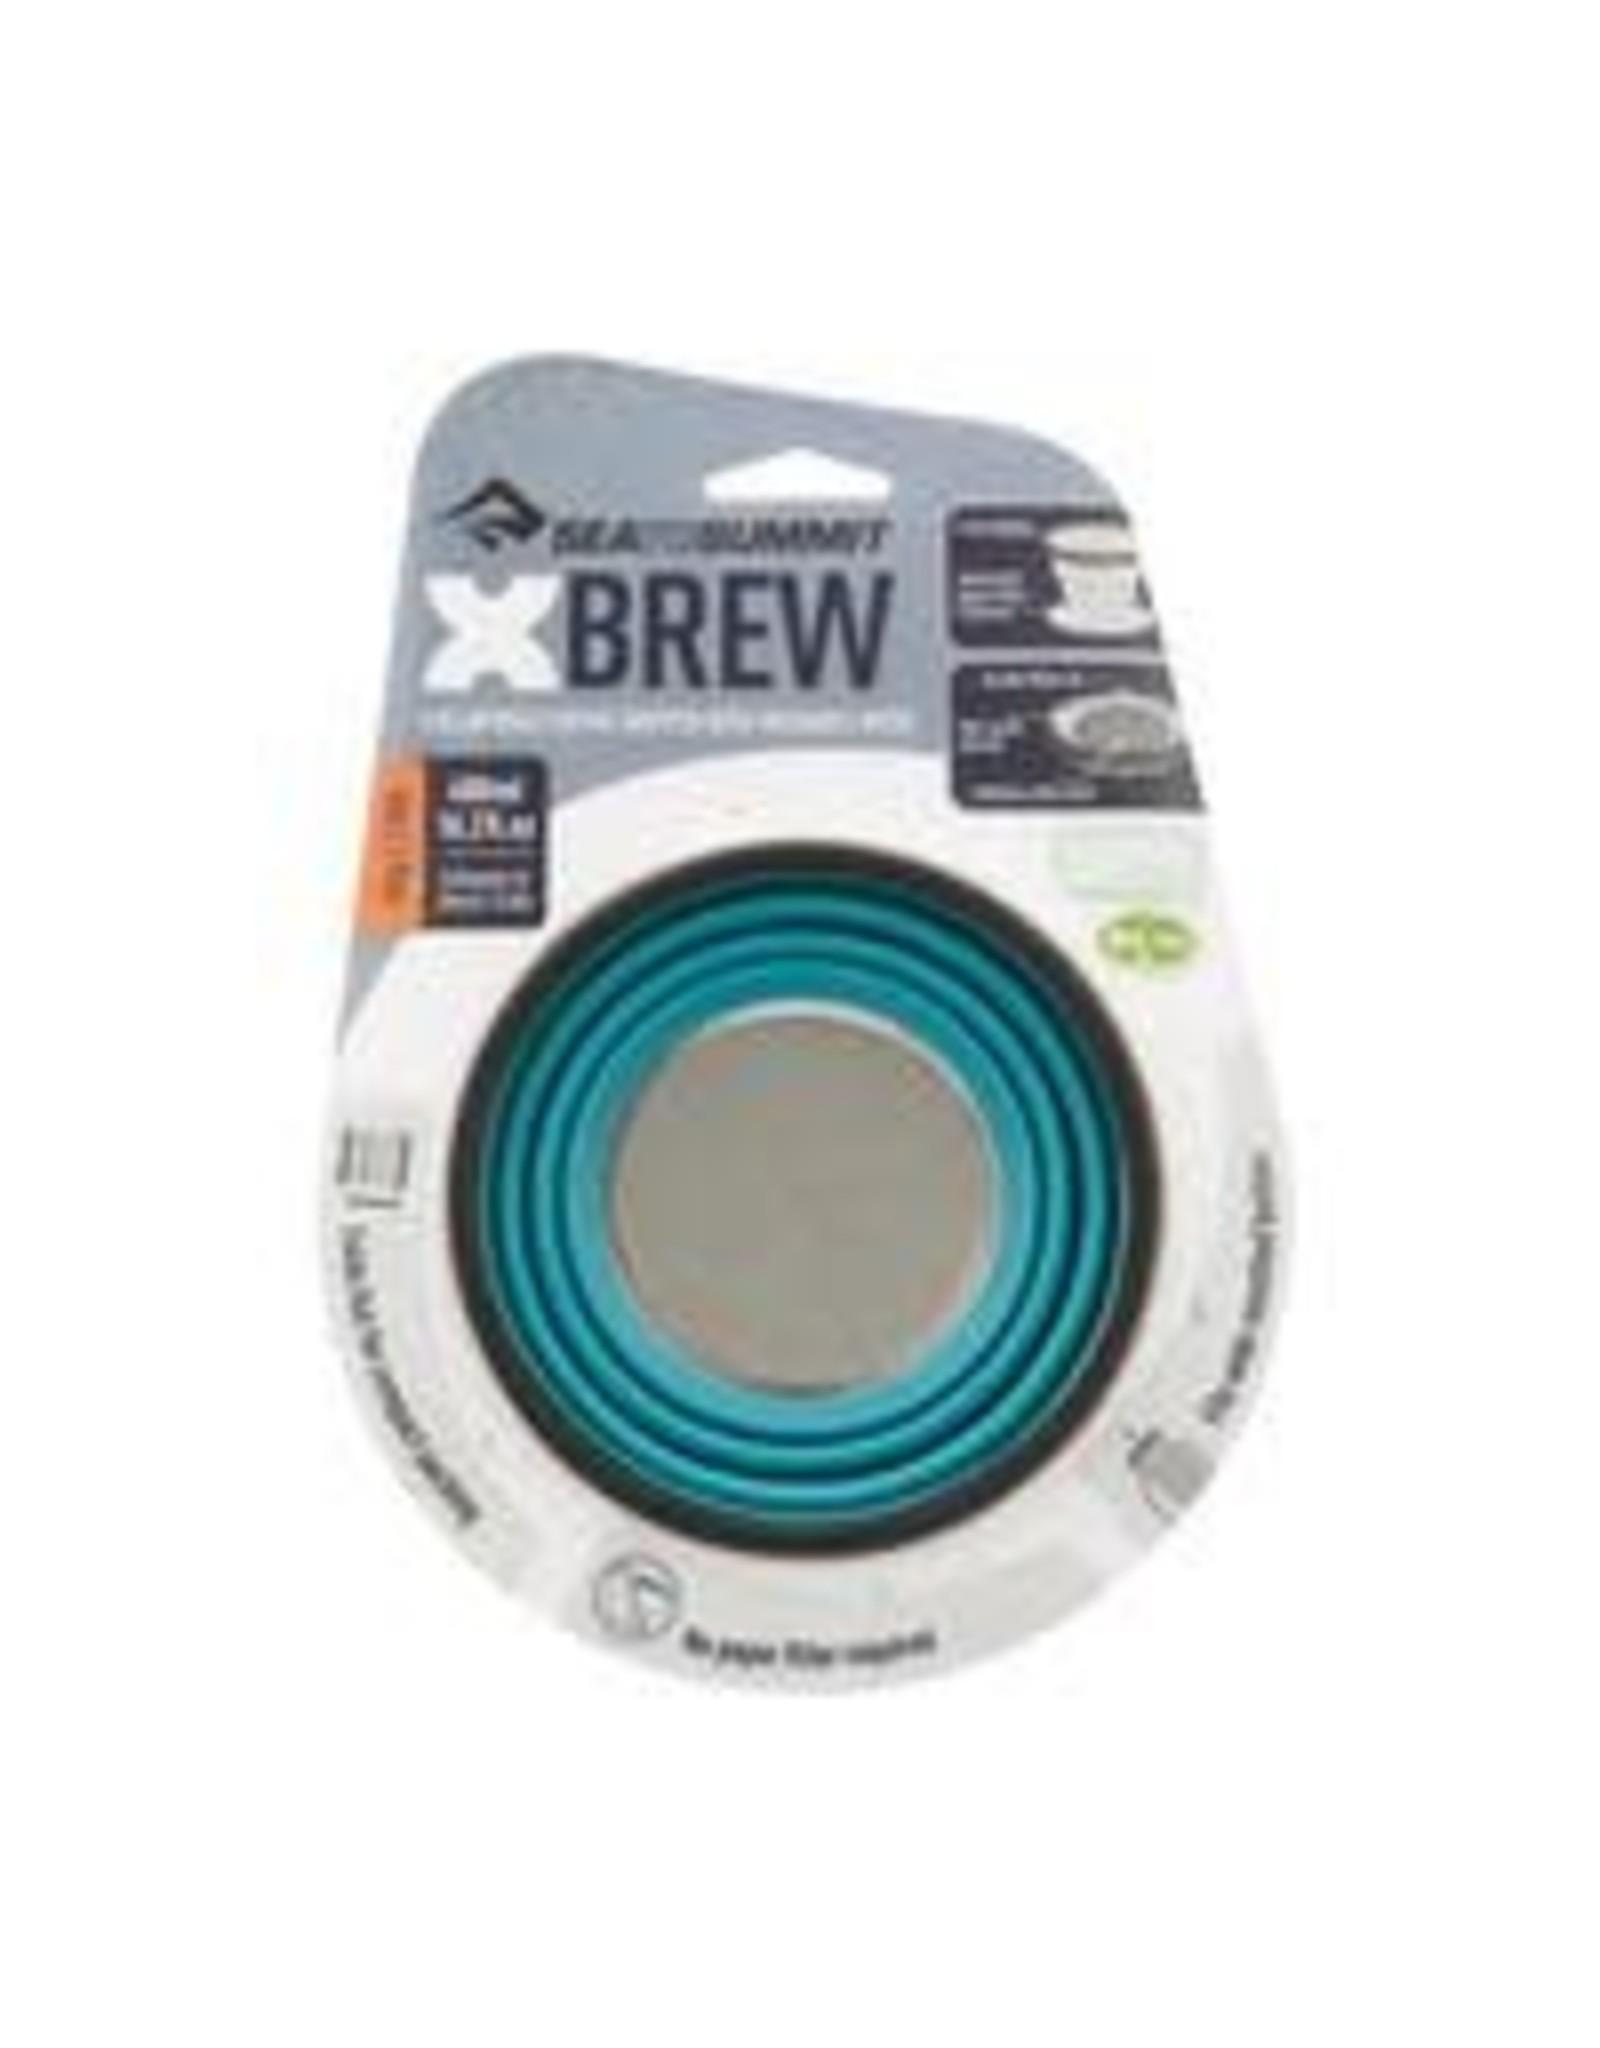 Sea to Summit X-Brew Coffee Dripper